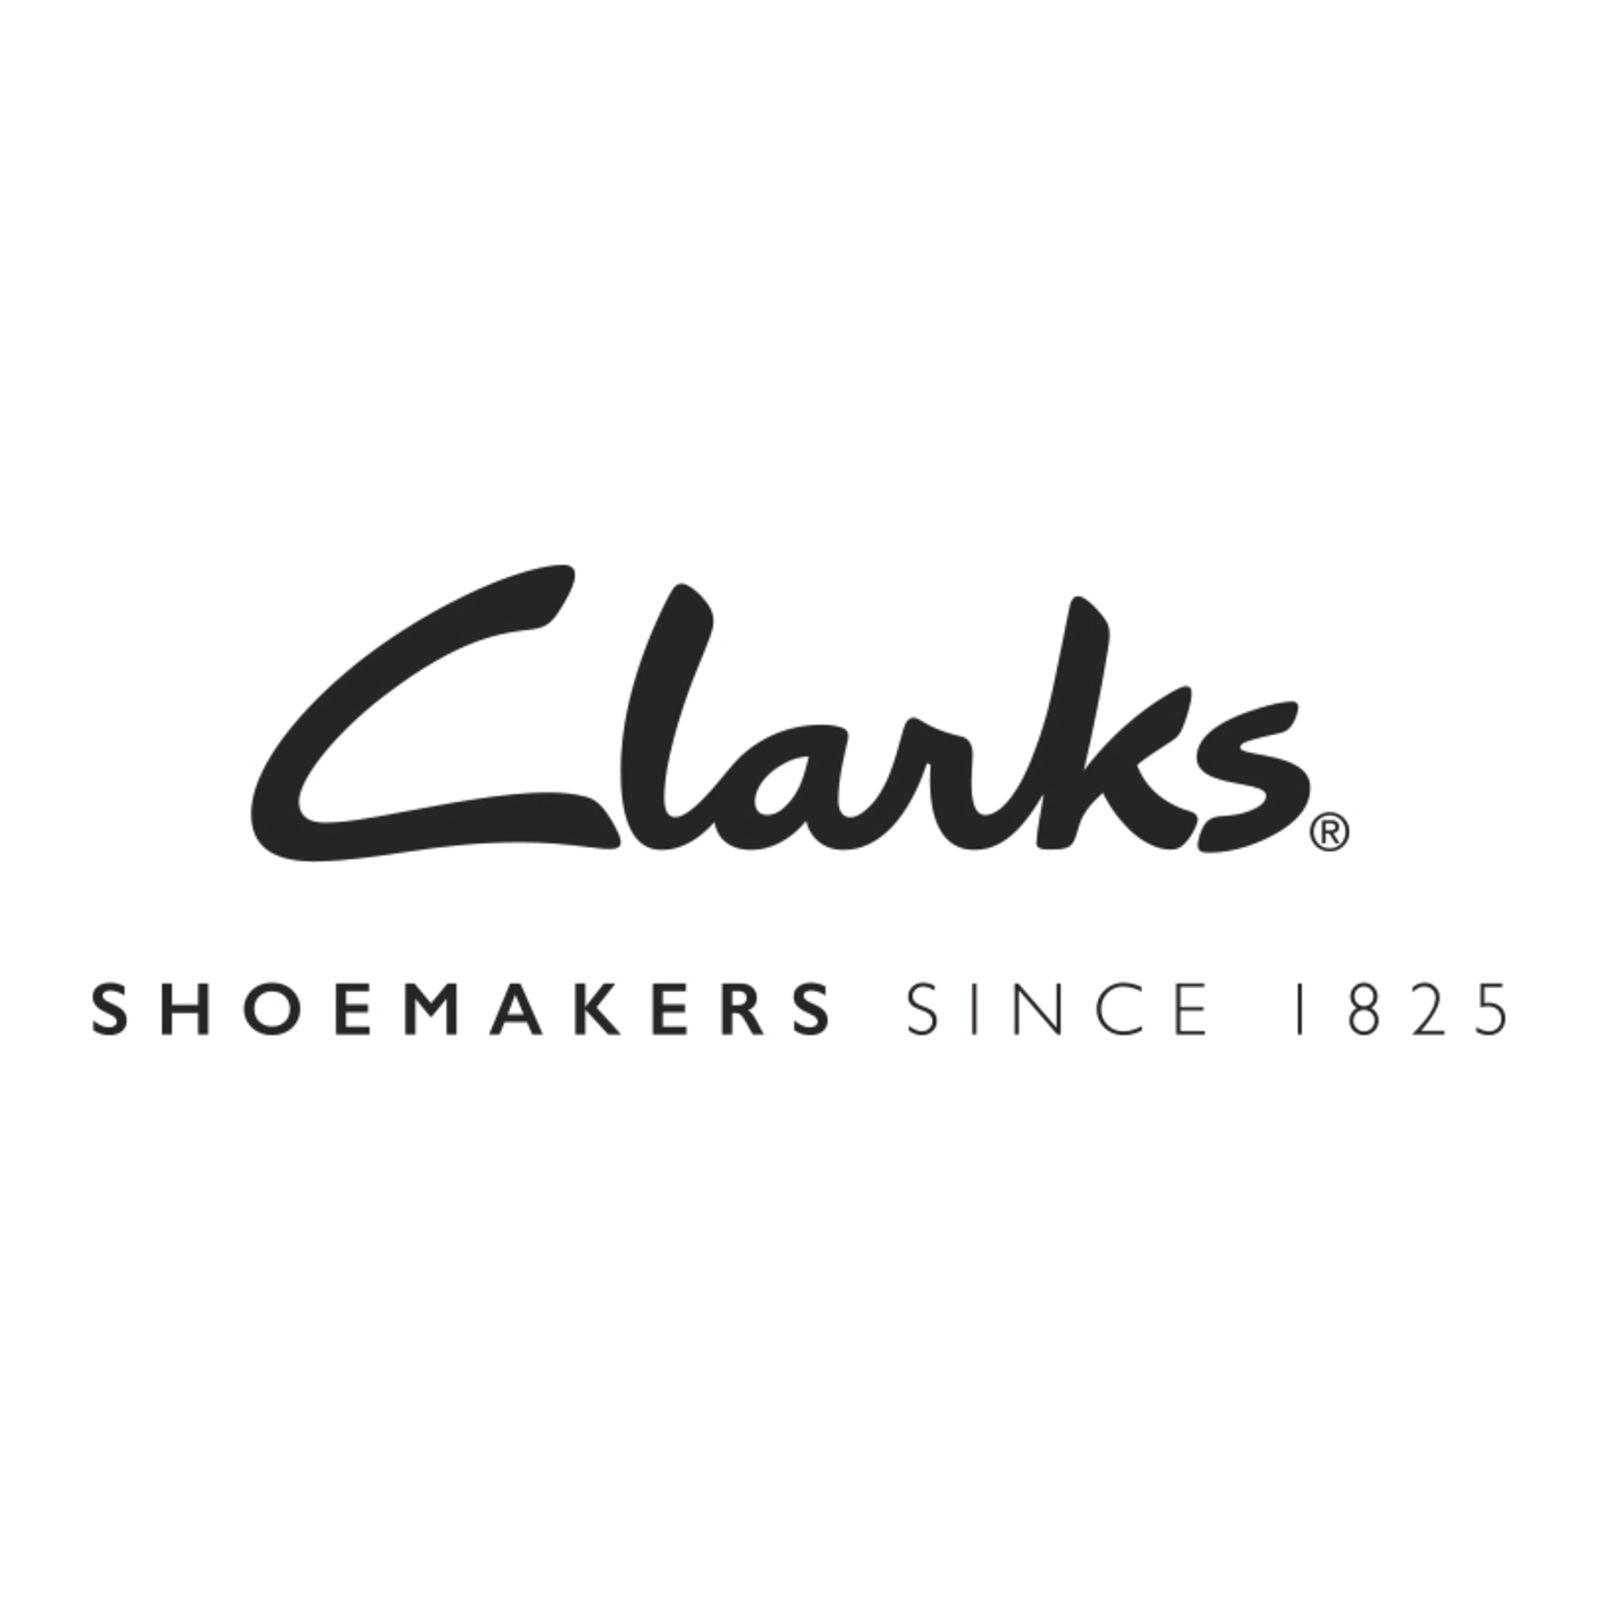 Clarks (Afbeelding 1)